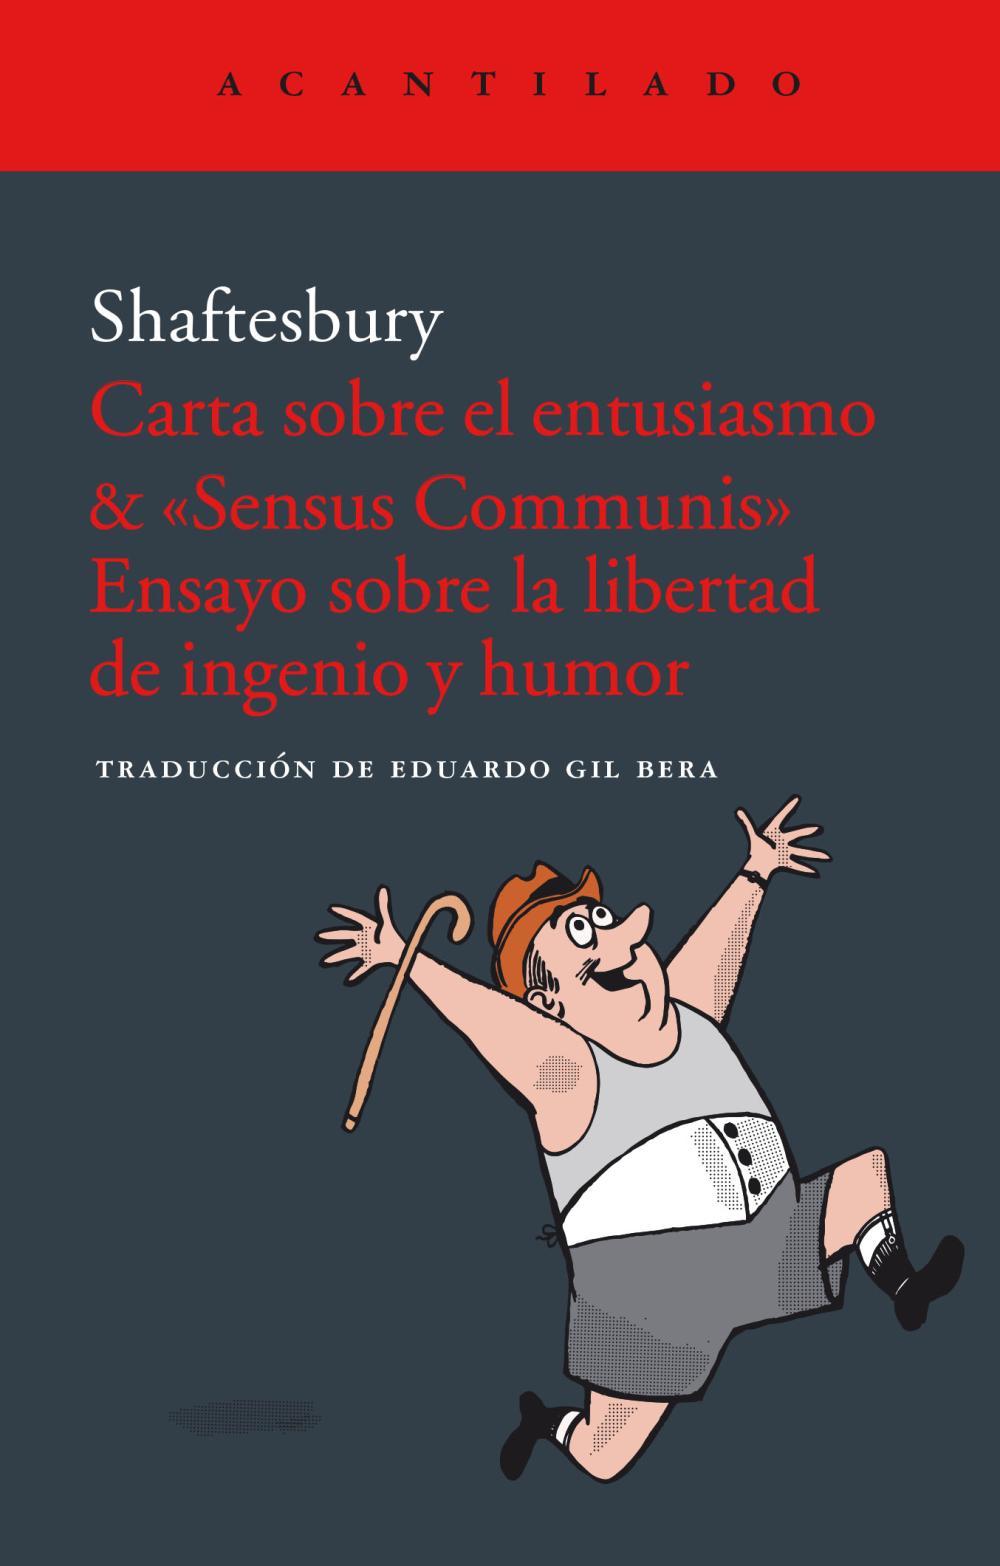 Carta sobre el entusiasmo & «Sensus communis».